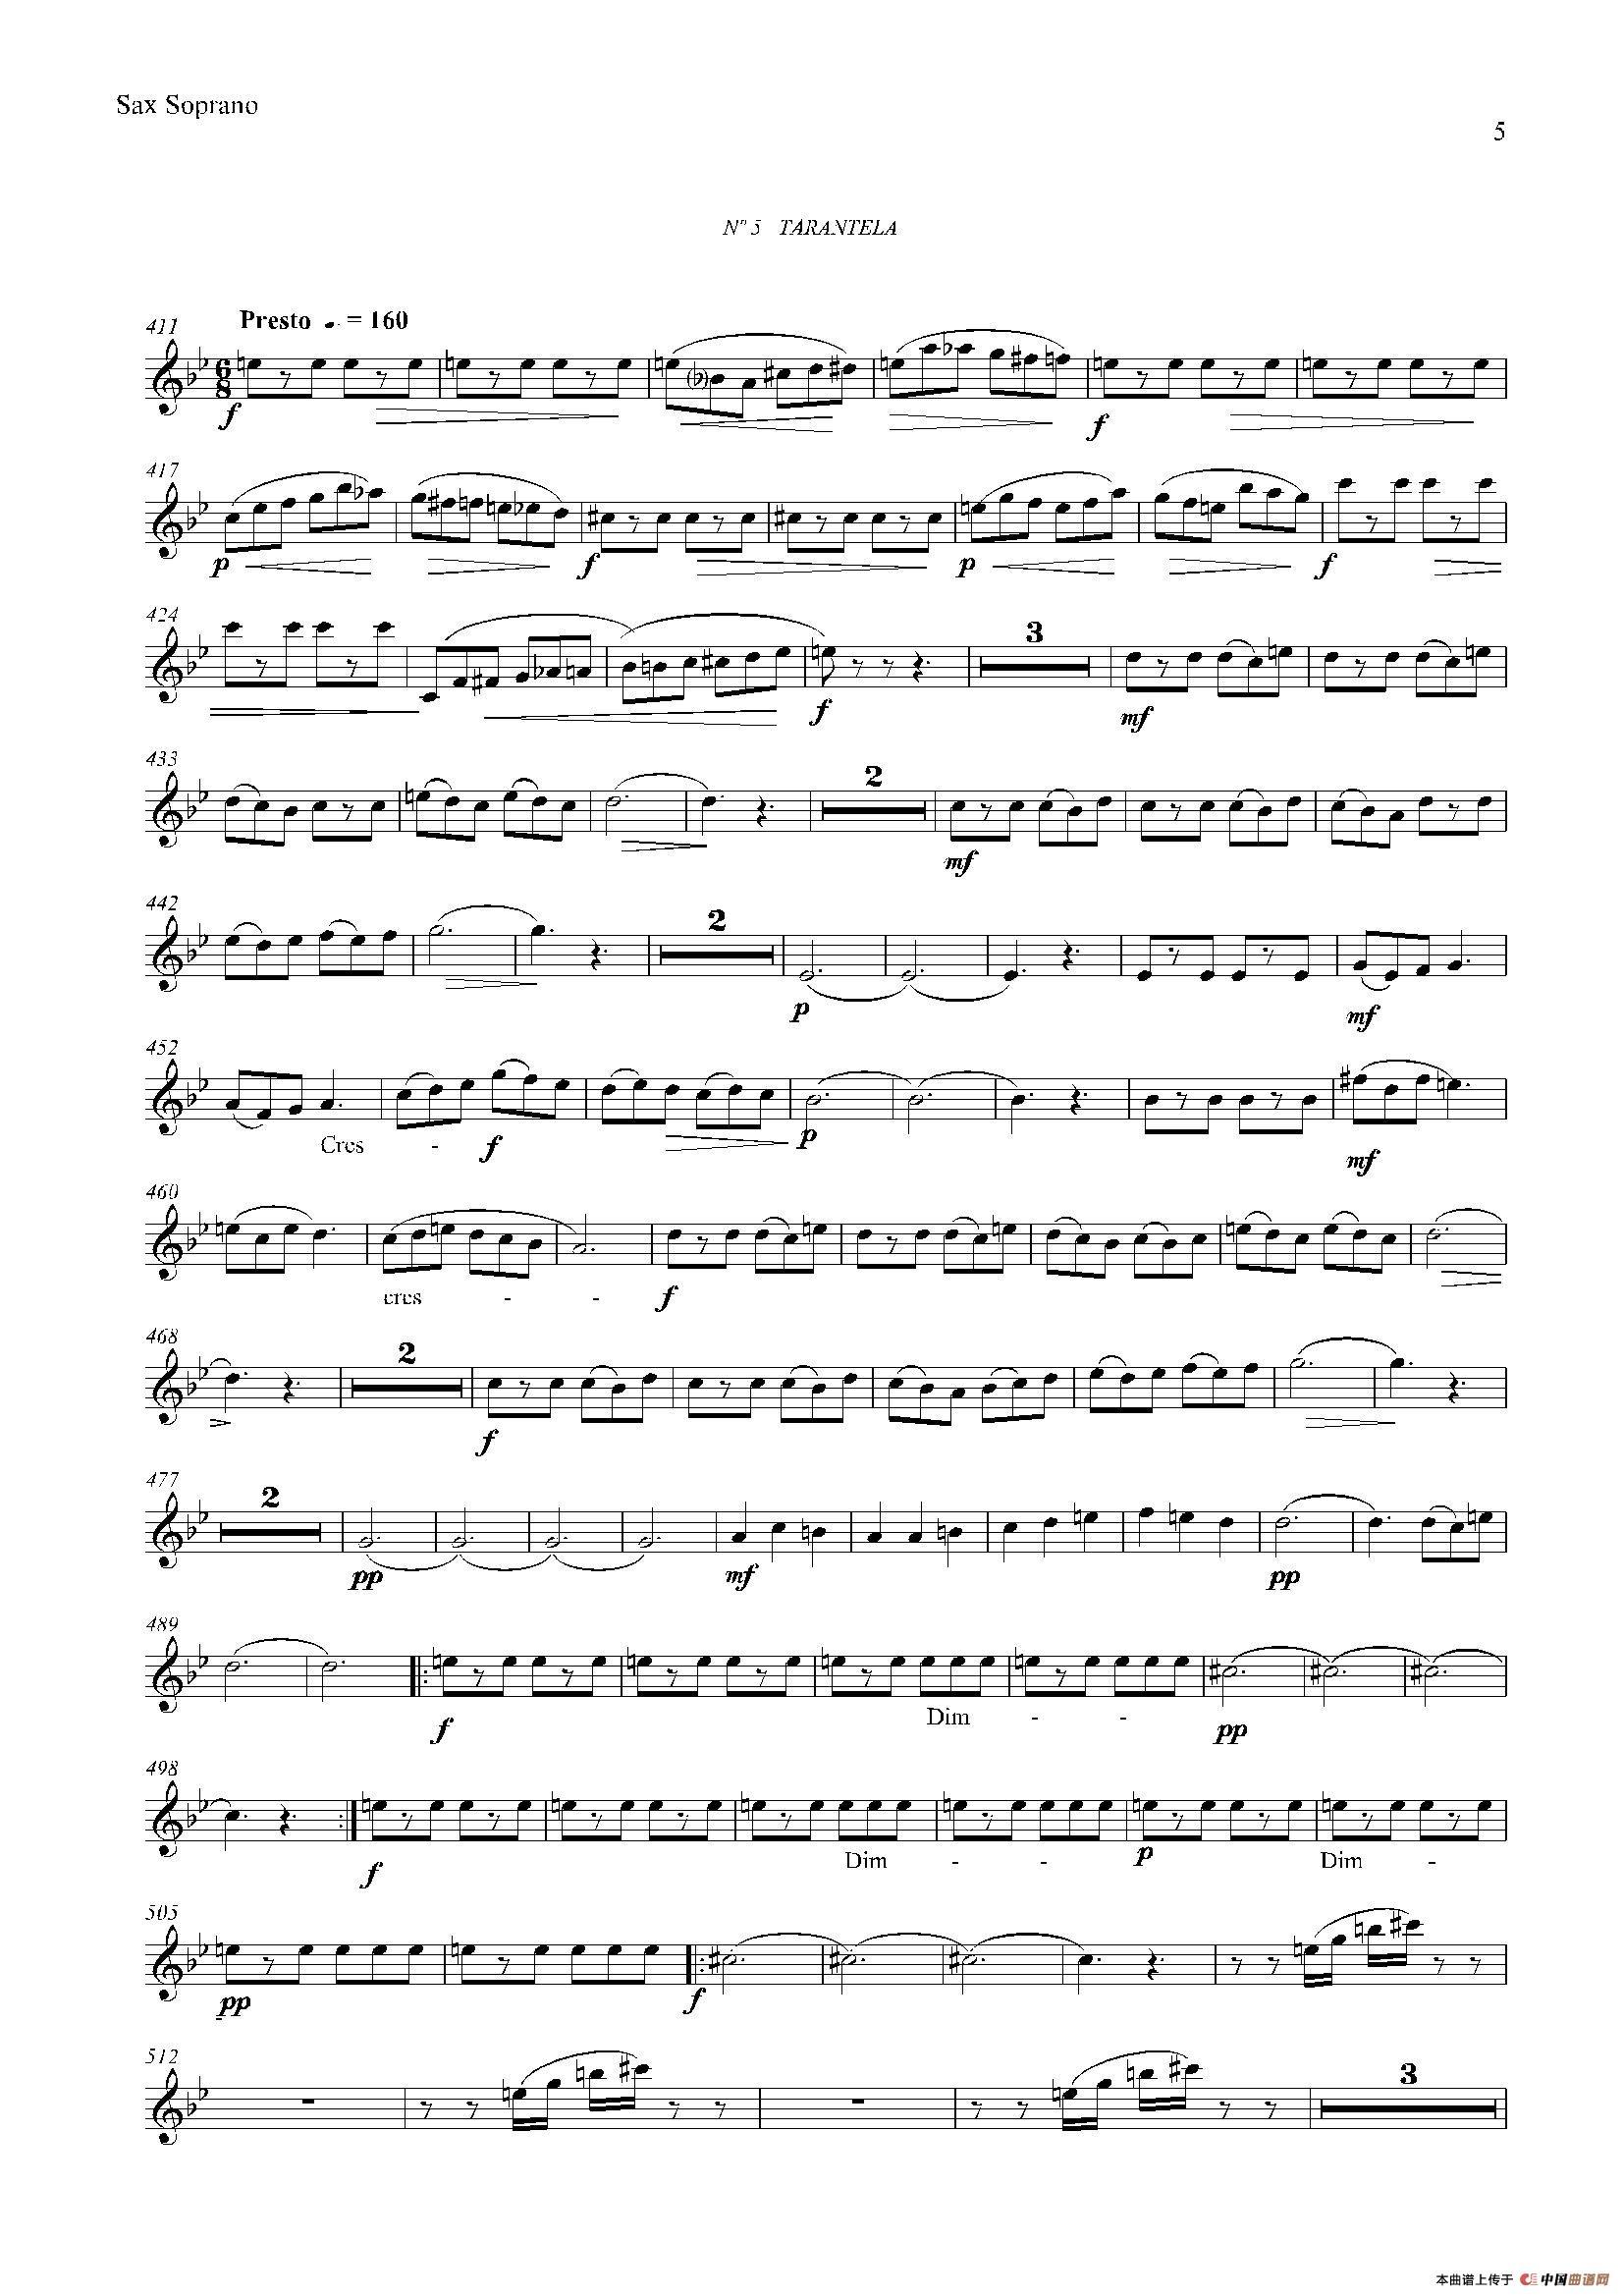 LOS 四重奏高音萨克斯分谱